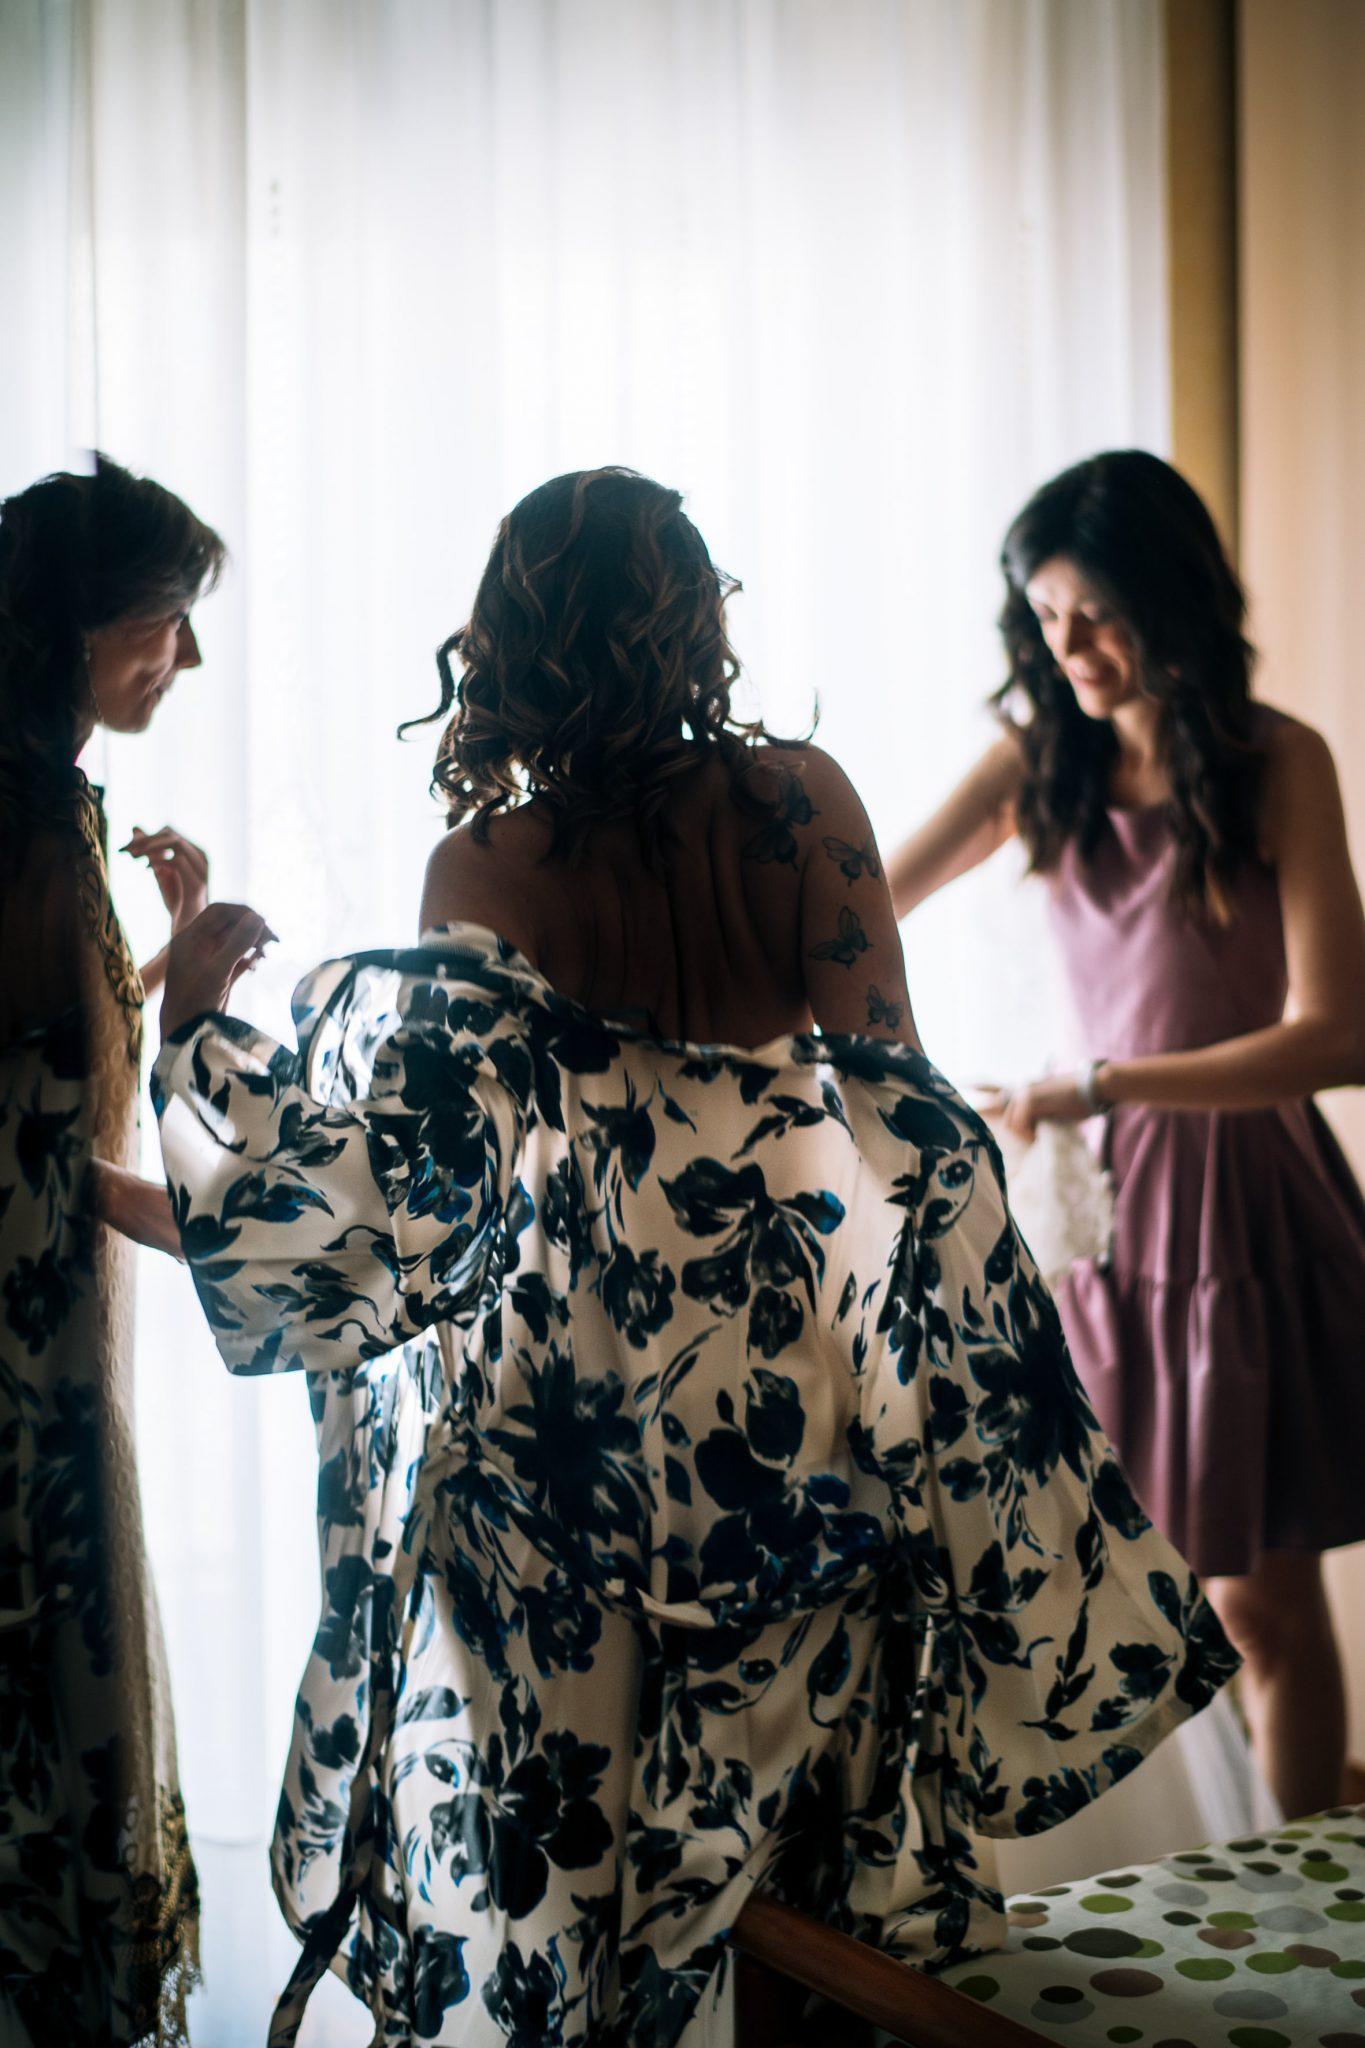 le amiche aiutano la sposa a mettersi l'abito per la cerimonia